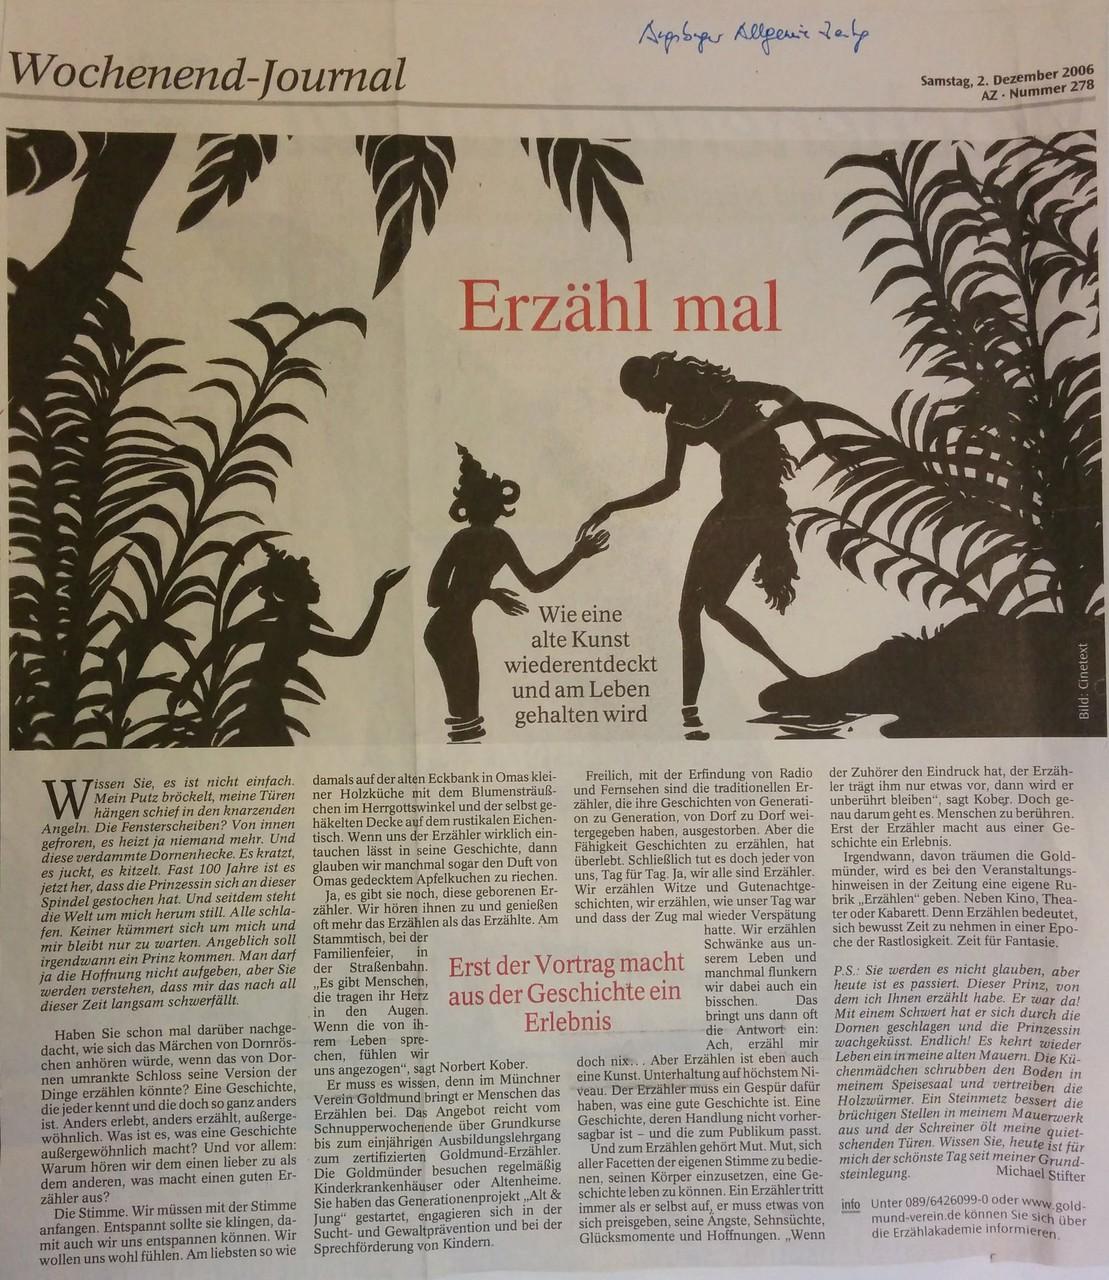 Augsburger Allgemeine Zeitung - 02.12.2006